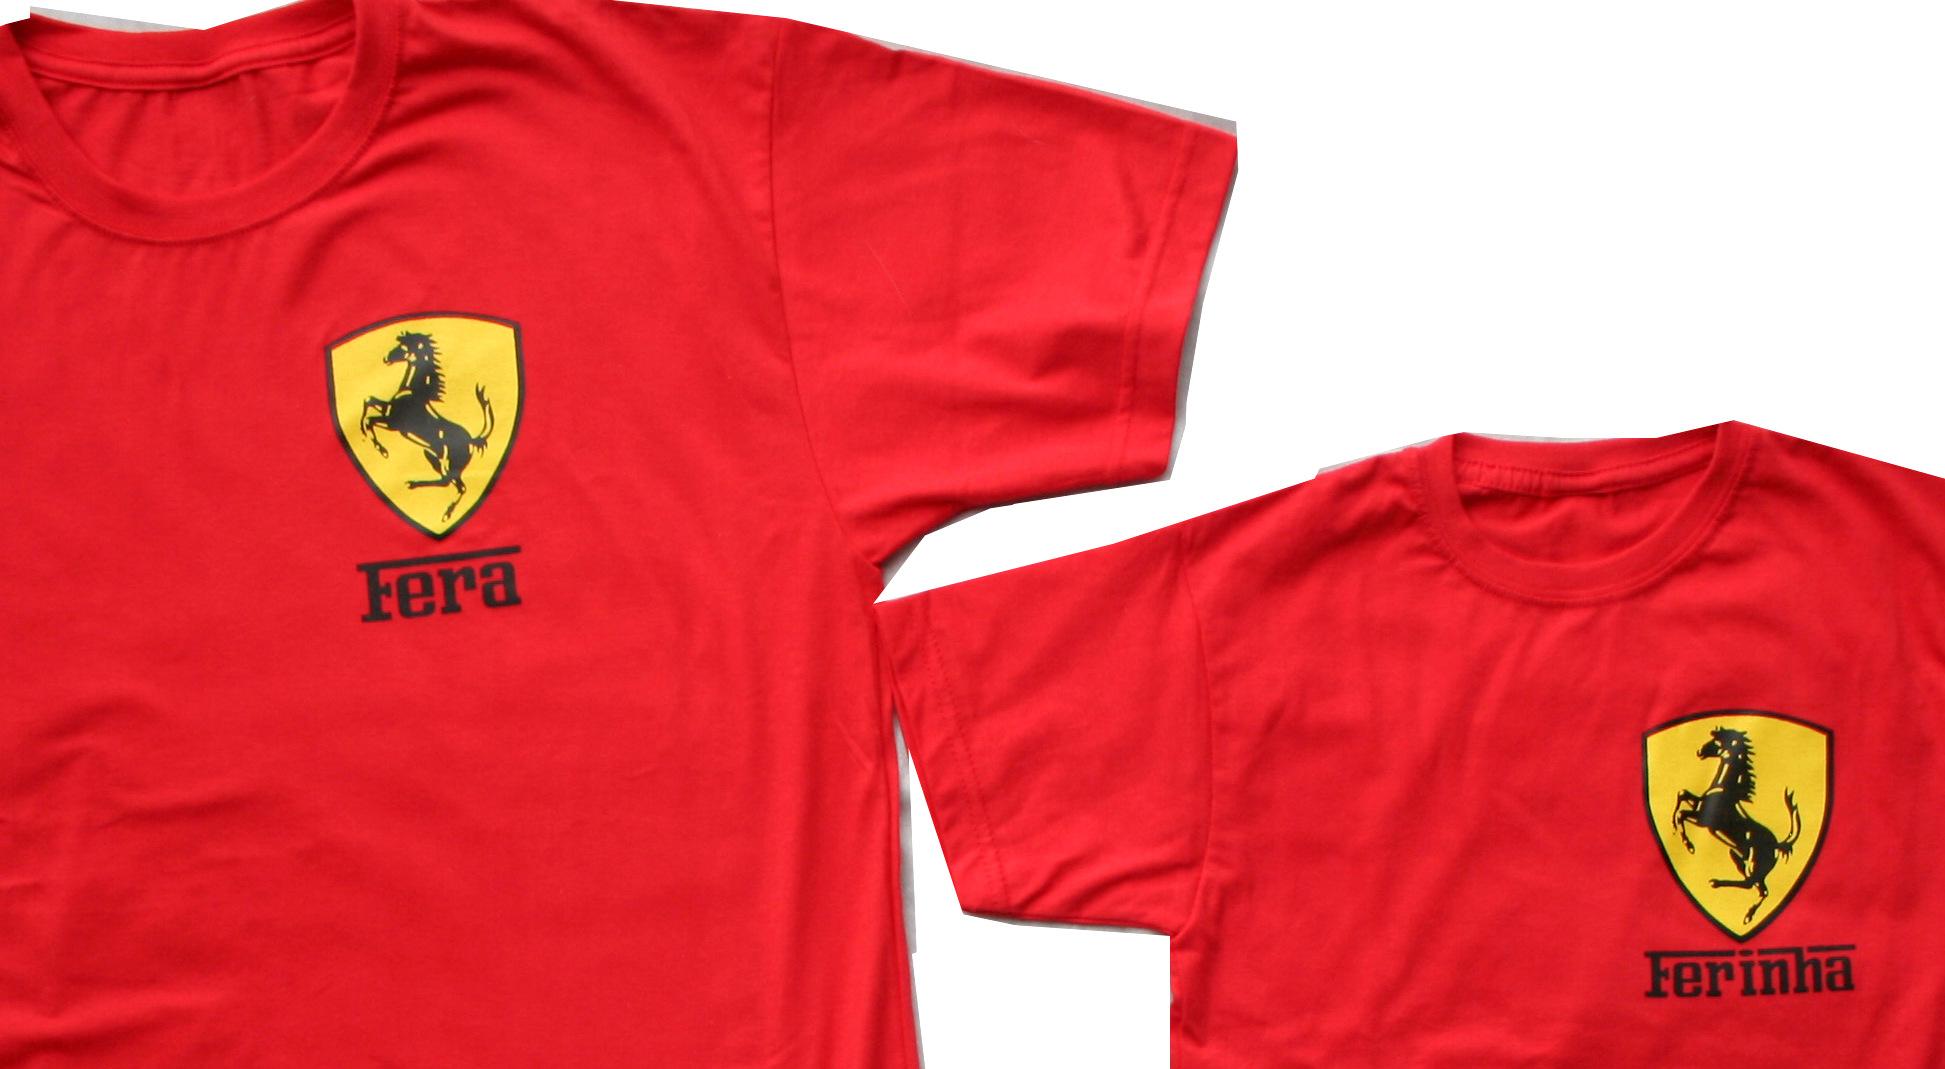 abe18651b2 Kit Camisetas Ferrari no Elo7   Contém ideia (72DDFB)